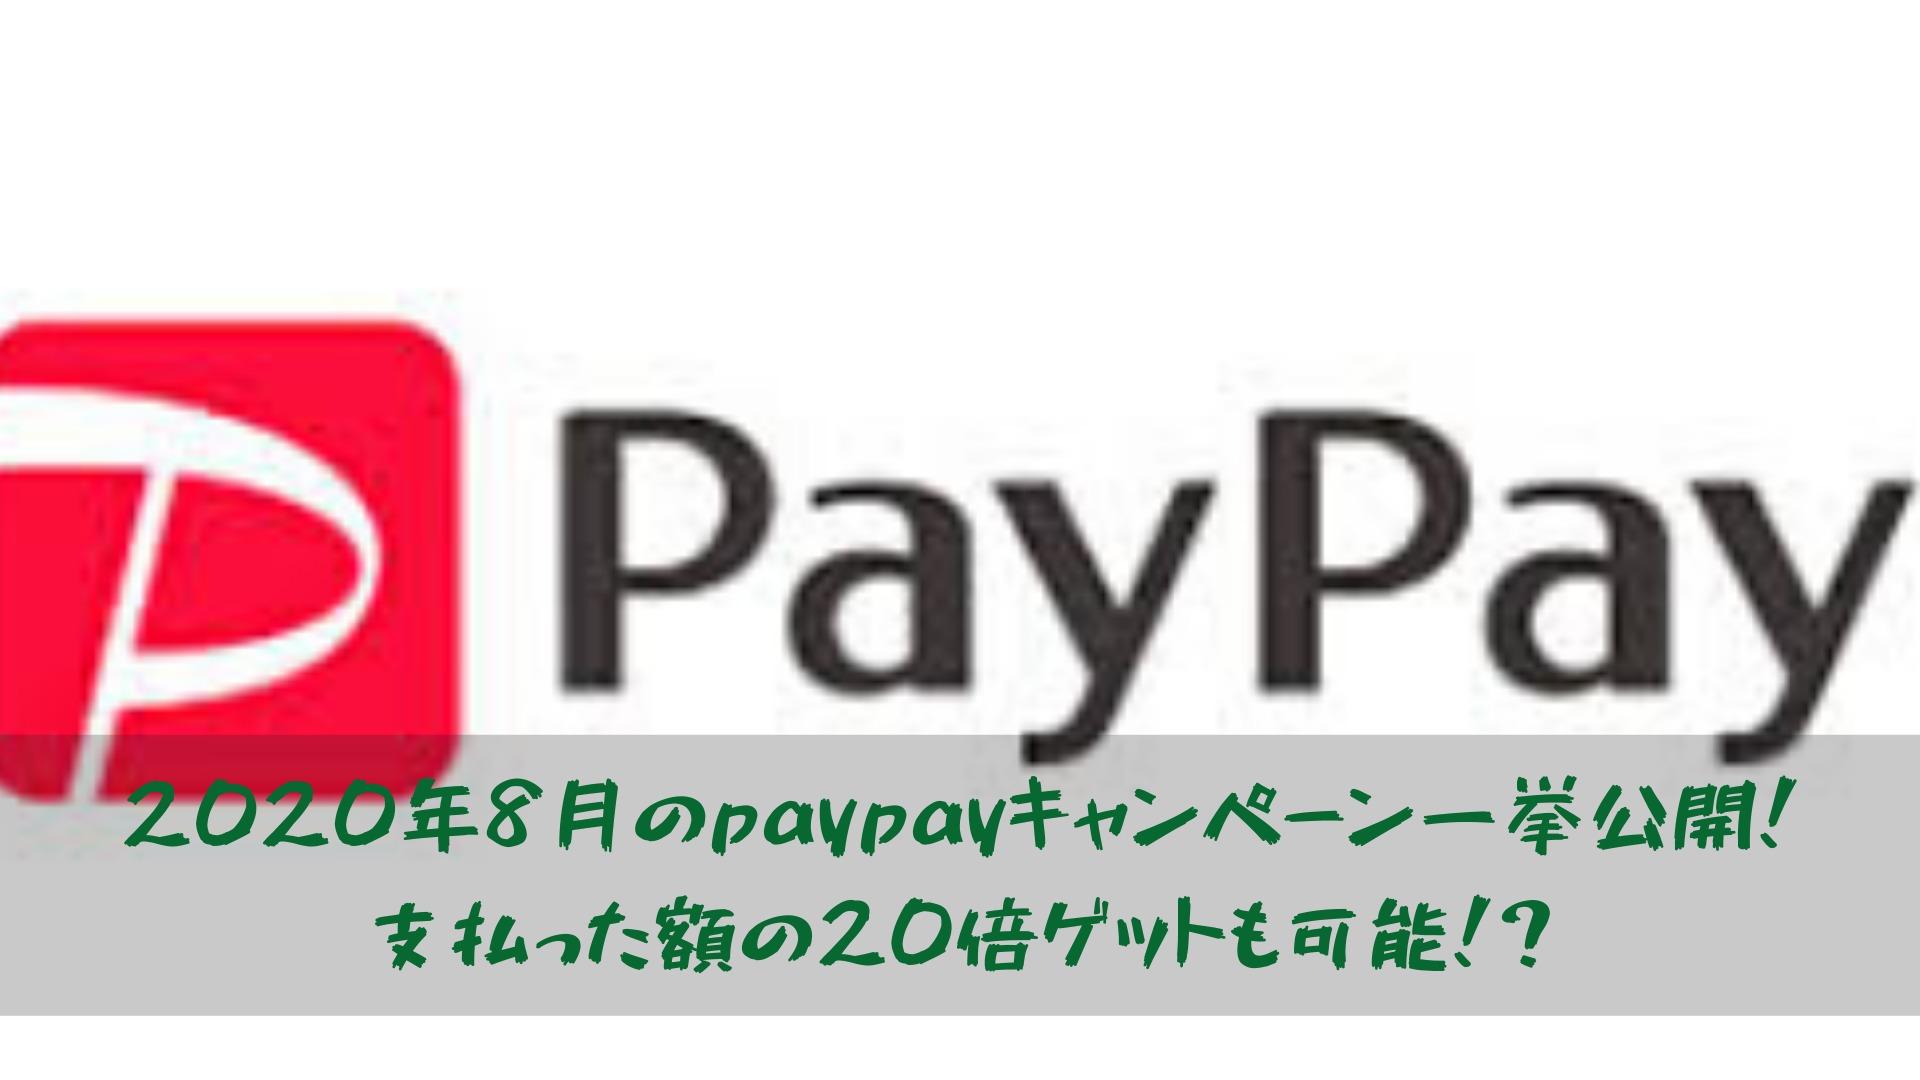 2020年8月のpaypayキャンペーン一挙公開!支払った額の20倍ゲットも可能!?